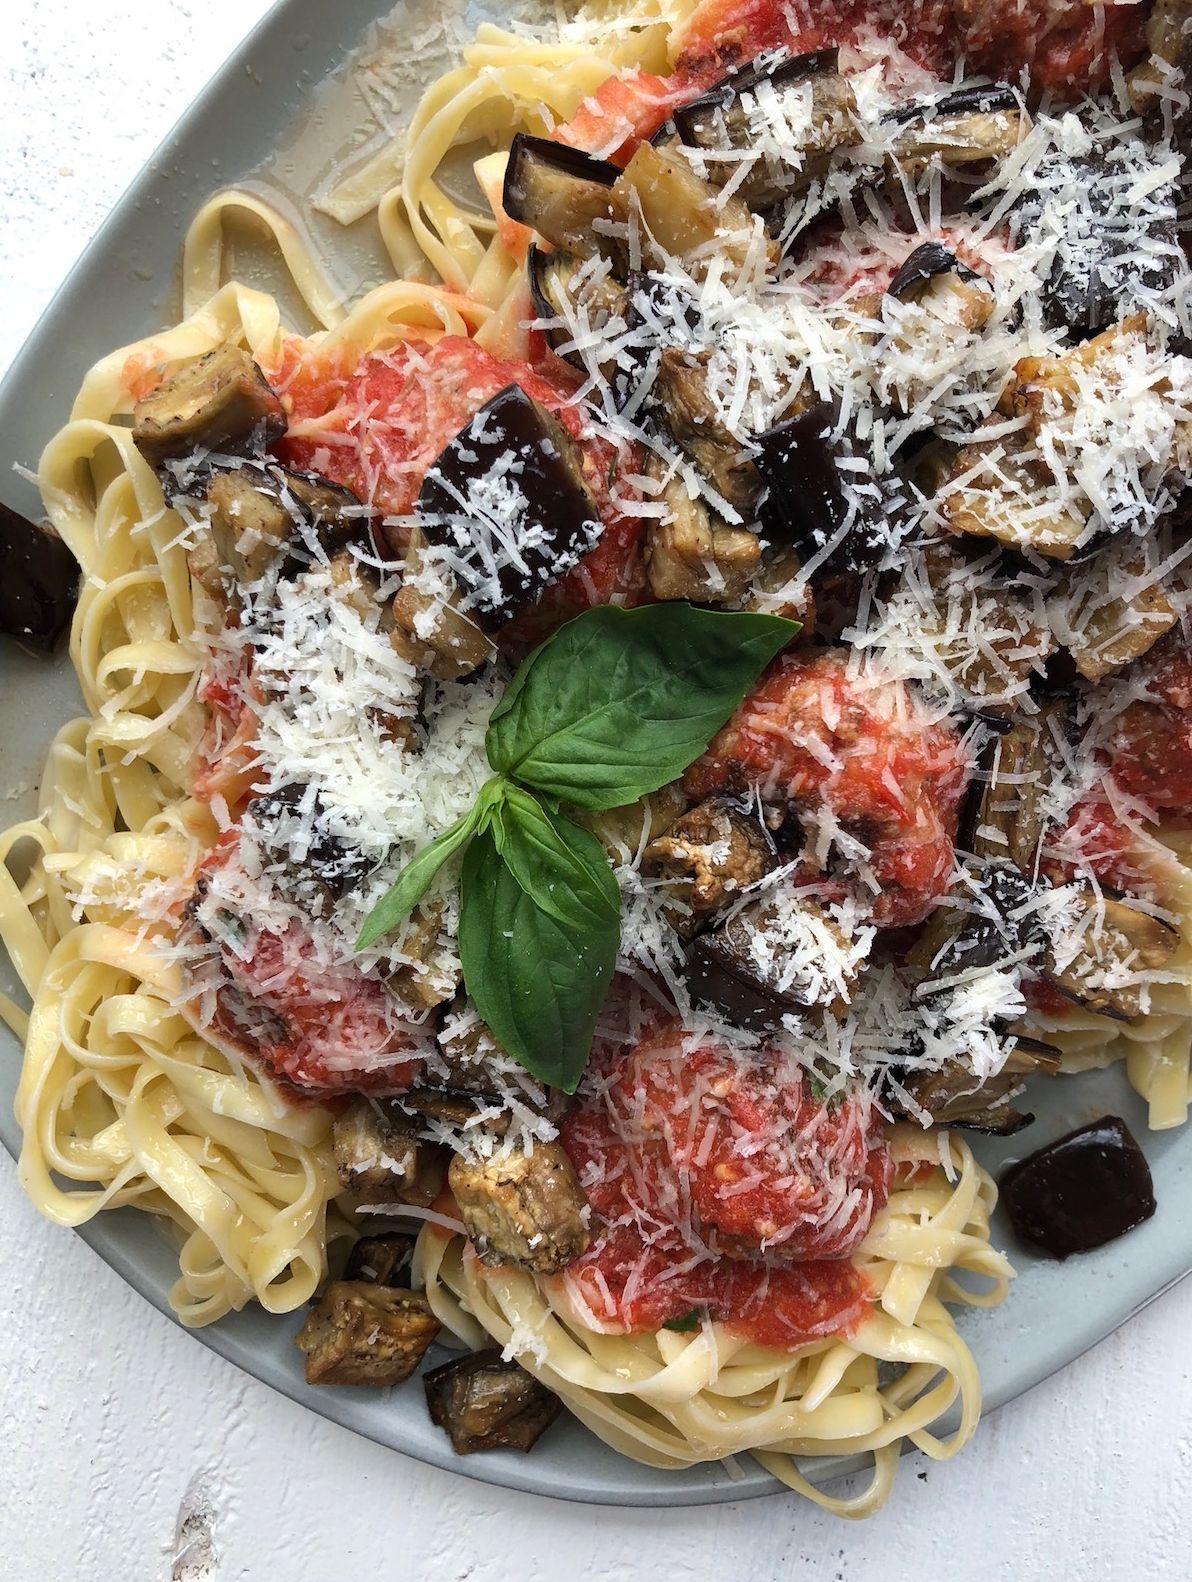 Eggplant Pasta with Meatballs